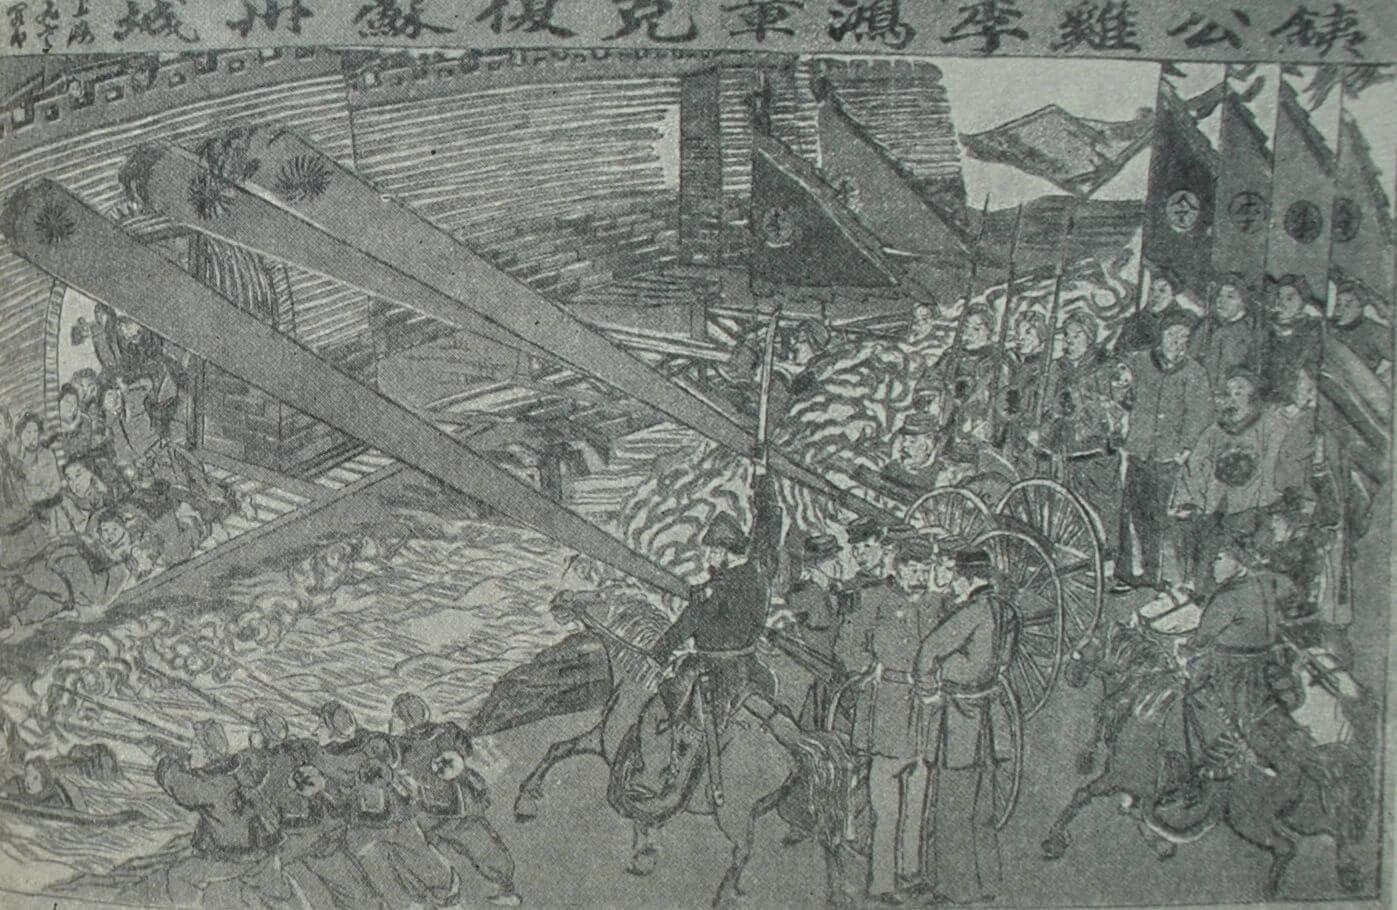 Штурм города Сучжоу войсками Ли Хун-чжана совместно с англо-французскими интервентами в январе 1864 г. Китайский лубок.